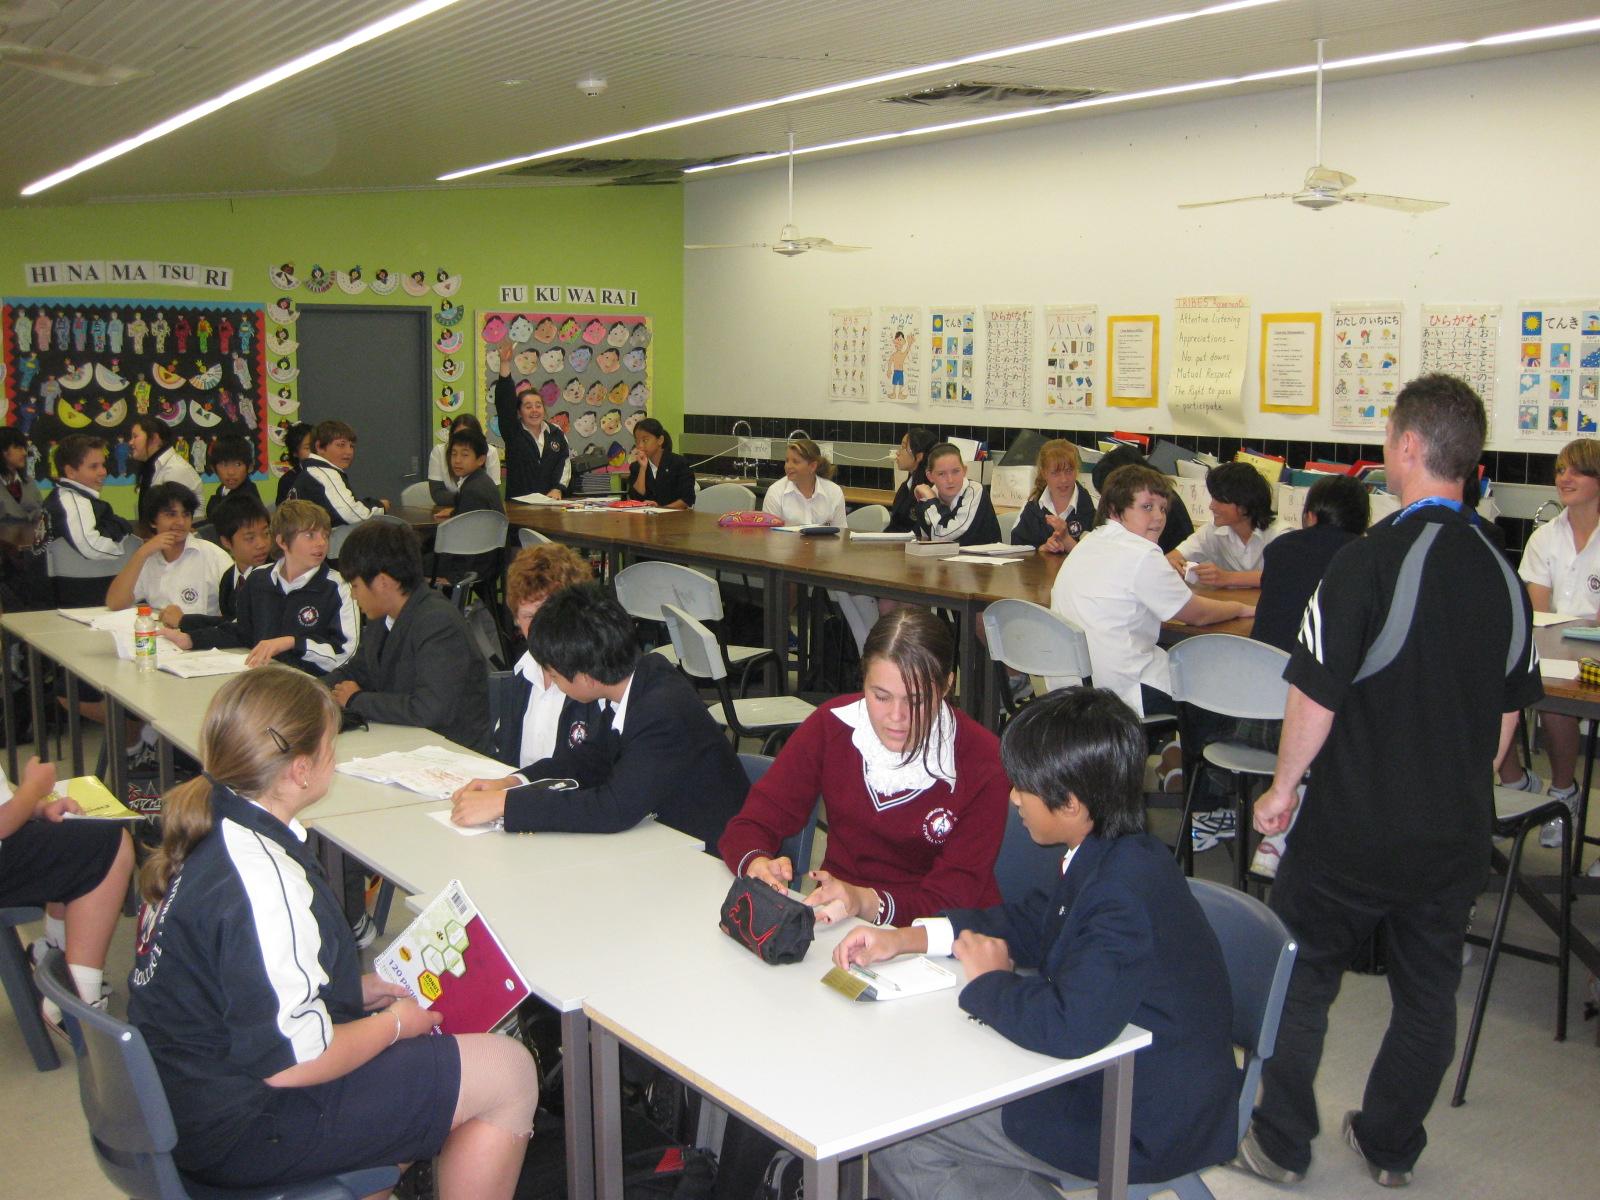 地元オージー学生と一緒に過ごそう 中学・高校体験留学・オーストラリア現地校体験プログラム